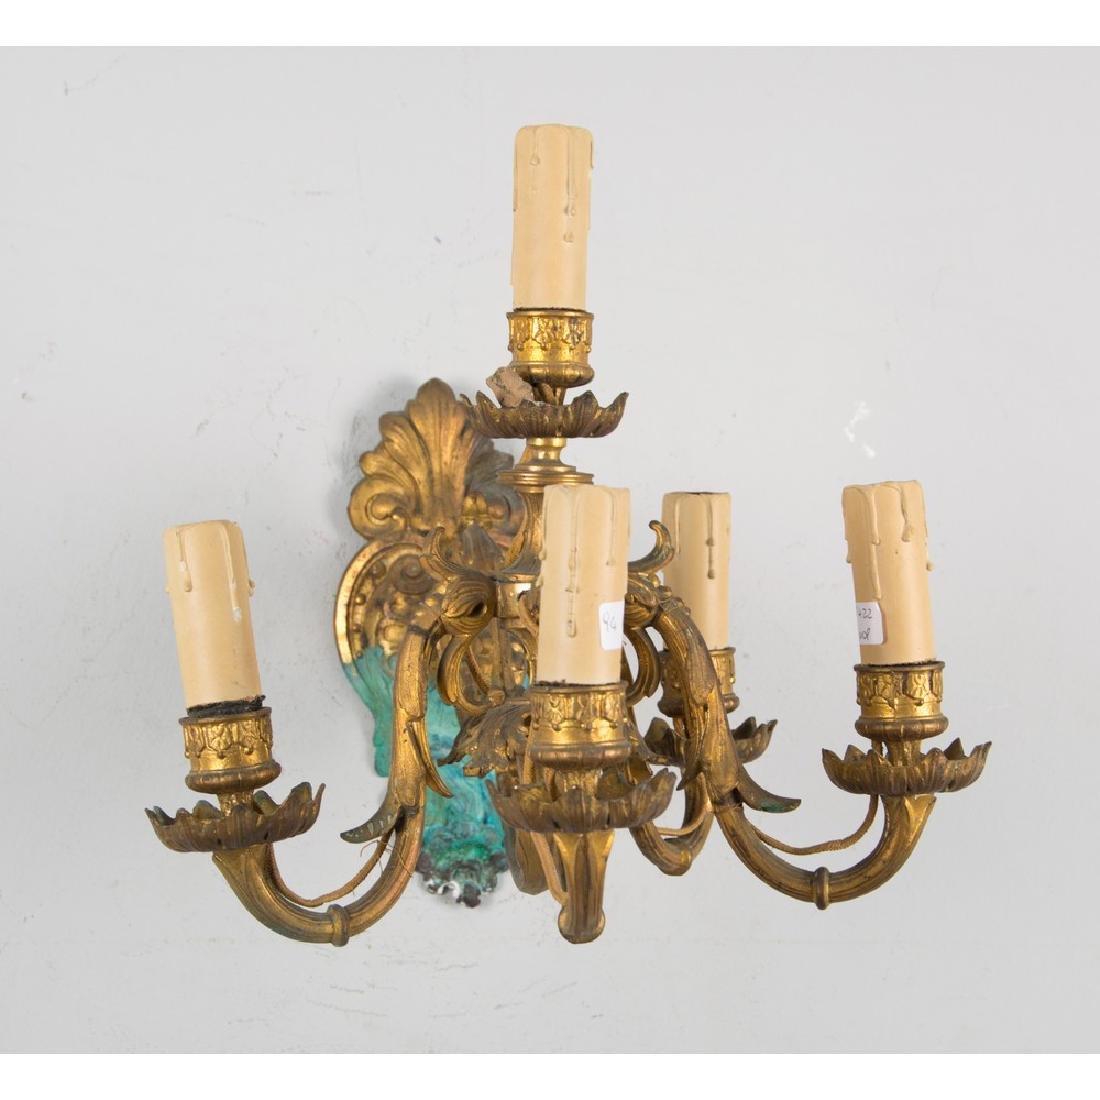 APPLIQUE a cinque luci in bronzo (elettrificato).